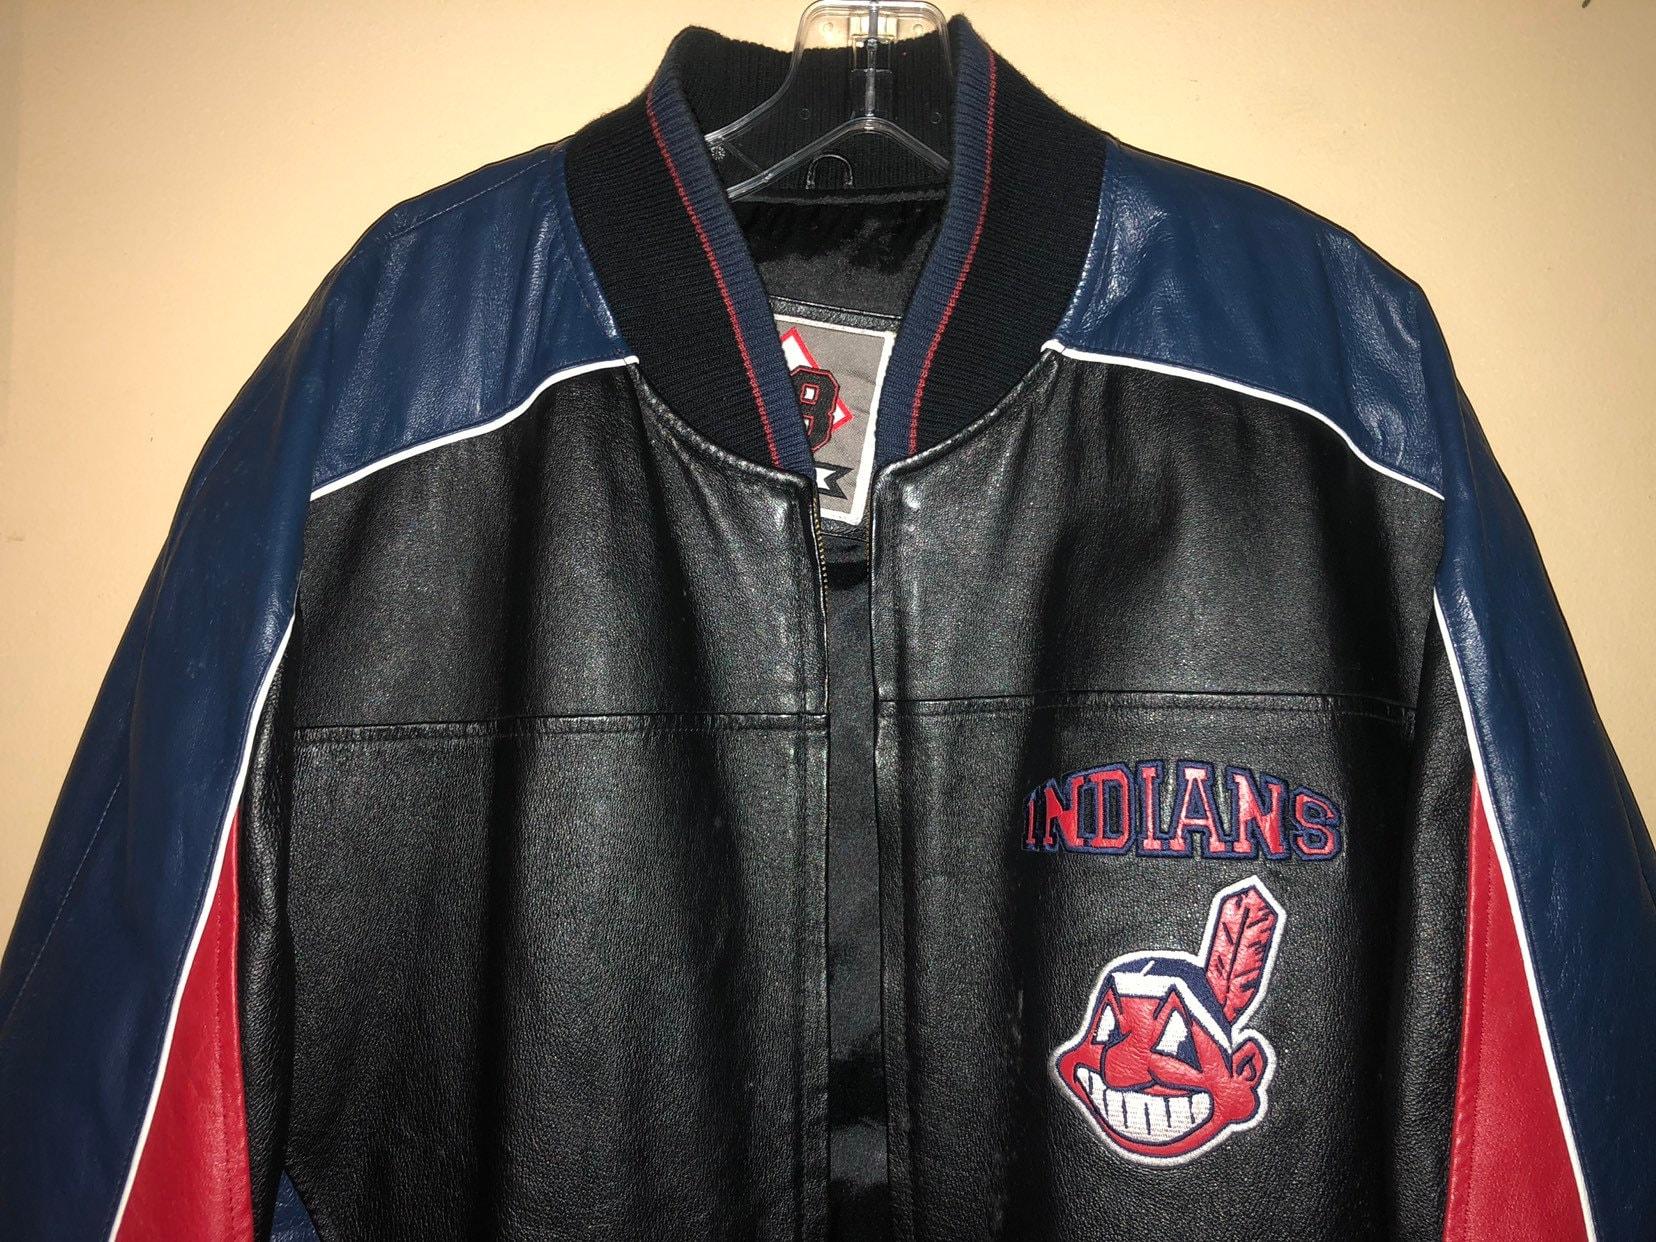 BONUS gratuit de navire de en cuir Cleveland indians de navire la tête de  s vintage baseball veste taille grand 4e153e